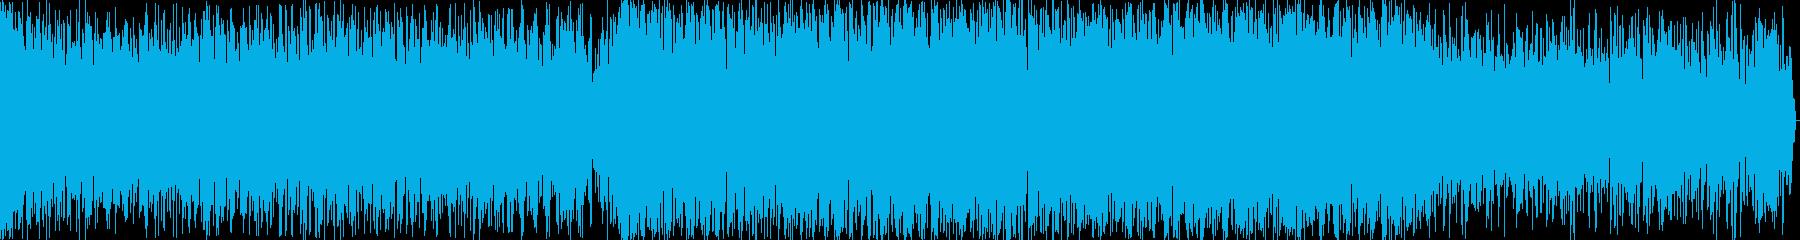 機械的EDMサウンドの短編BGMの再生済みの波形